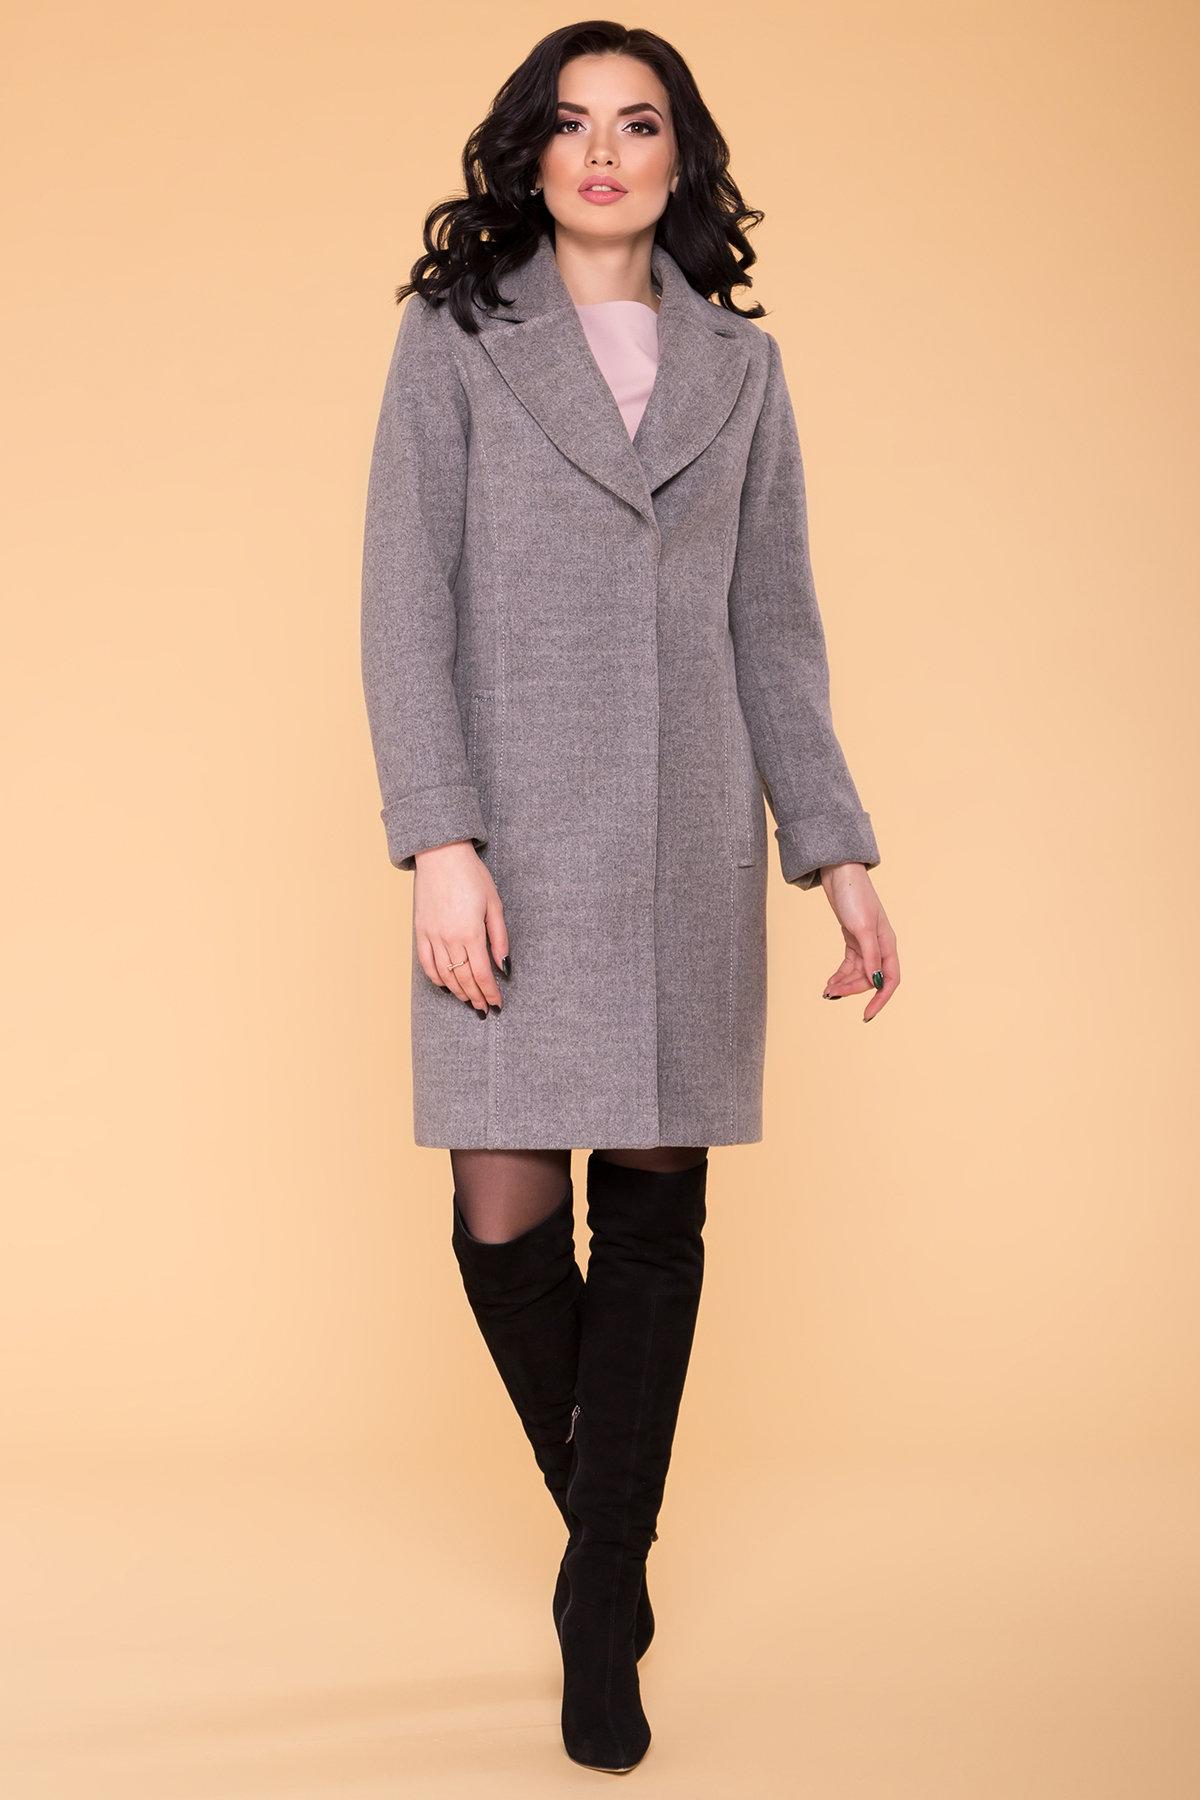 Пальто Лесли 6295 АРТ. 41079 Цвет: Серый 18 - фото 4, интернет магазин tm-modus.ru